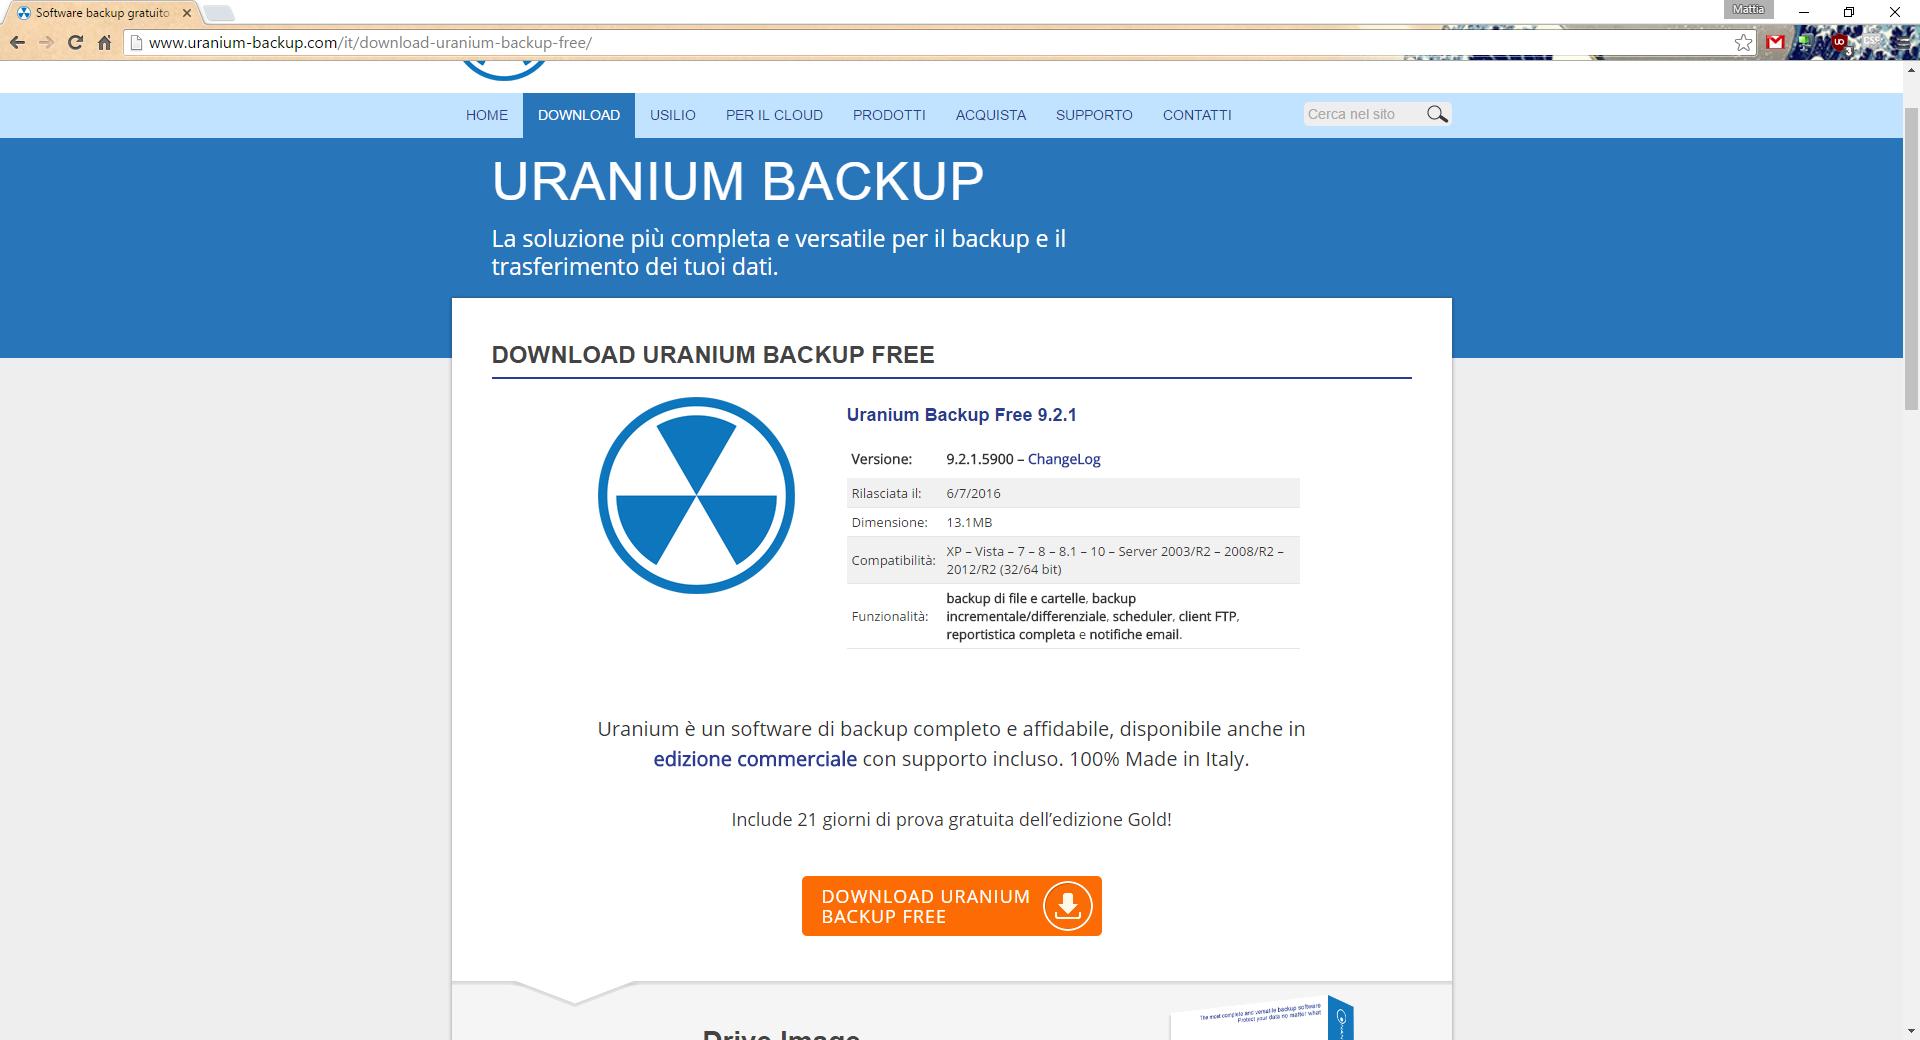 Pagina di download di Uranium Backup